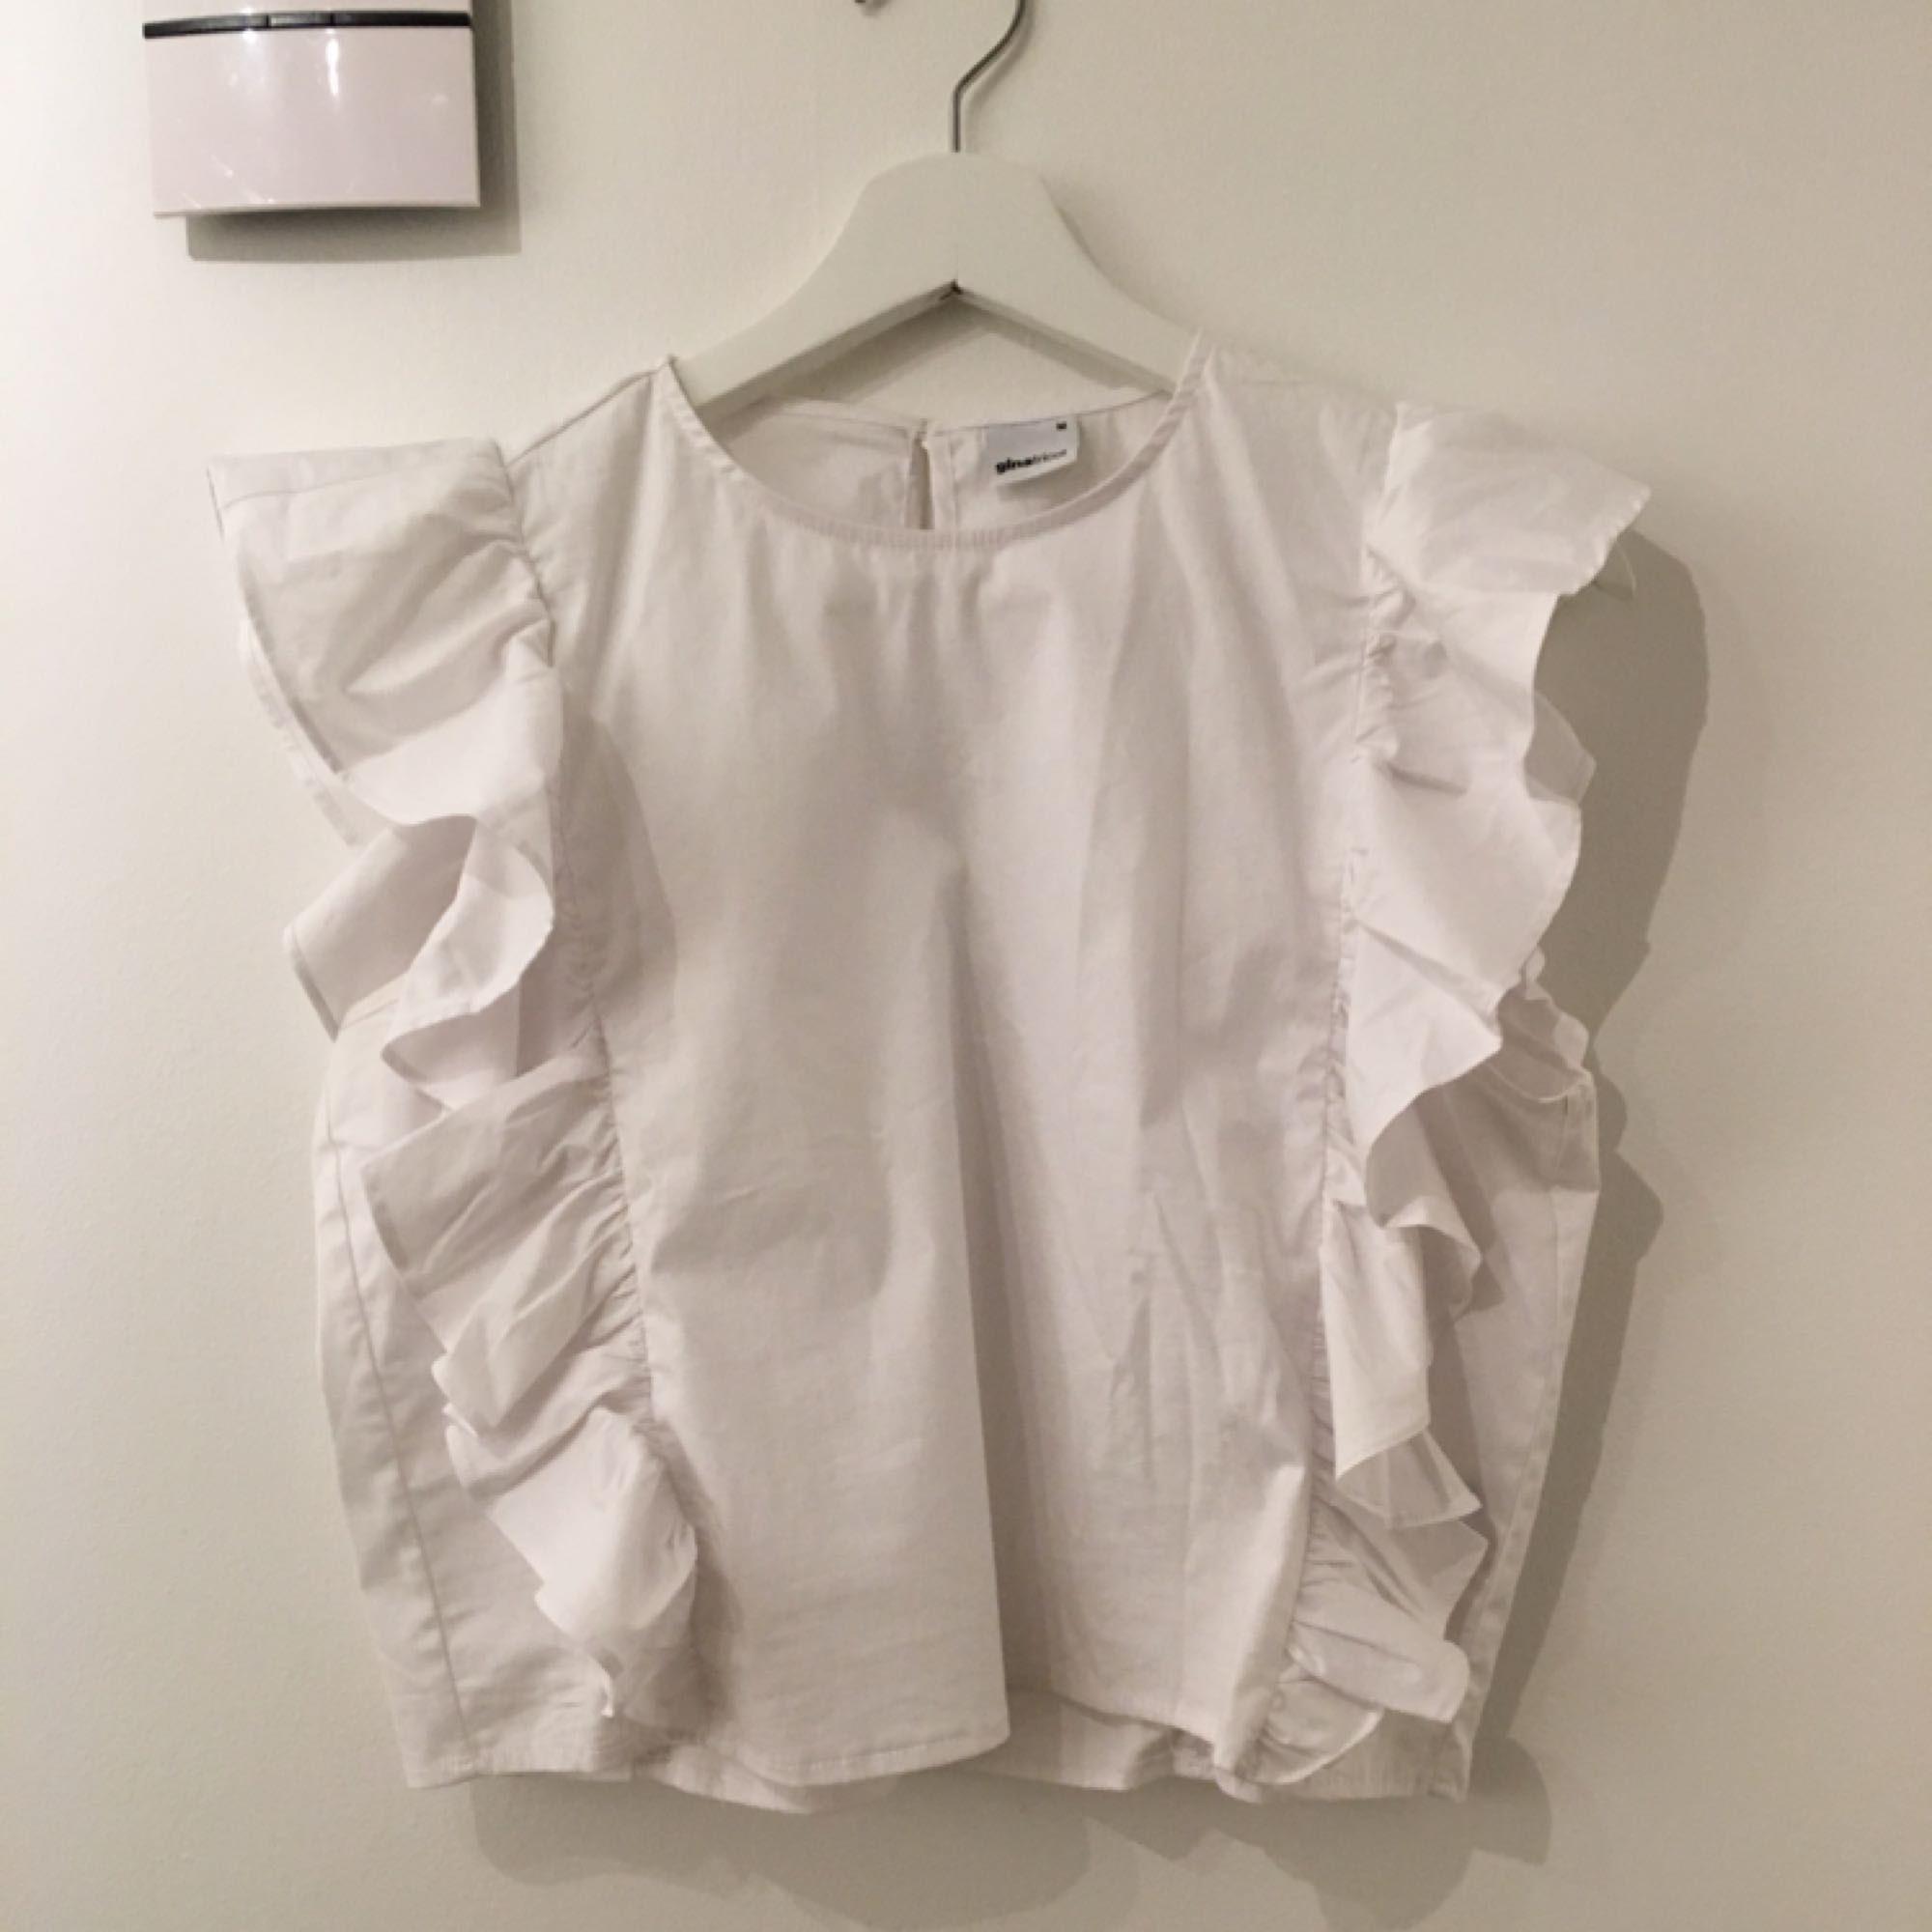 ... Wirklich schöne weiße Spitze von Gina Tricot in Größe M, paßt es auch  S. ... 784fd6ed6a